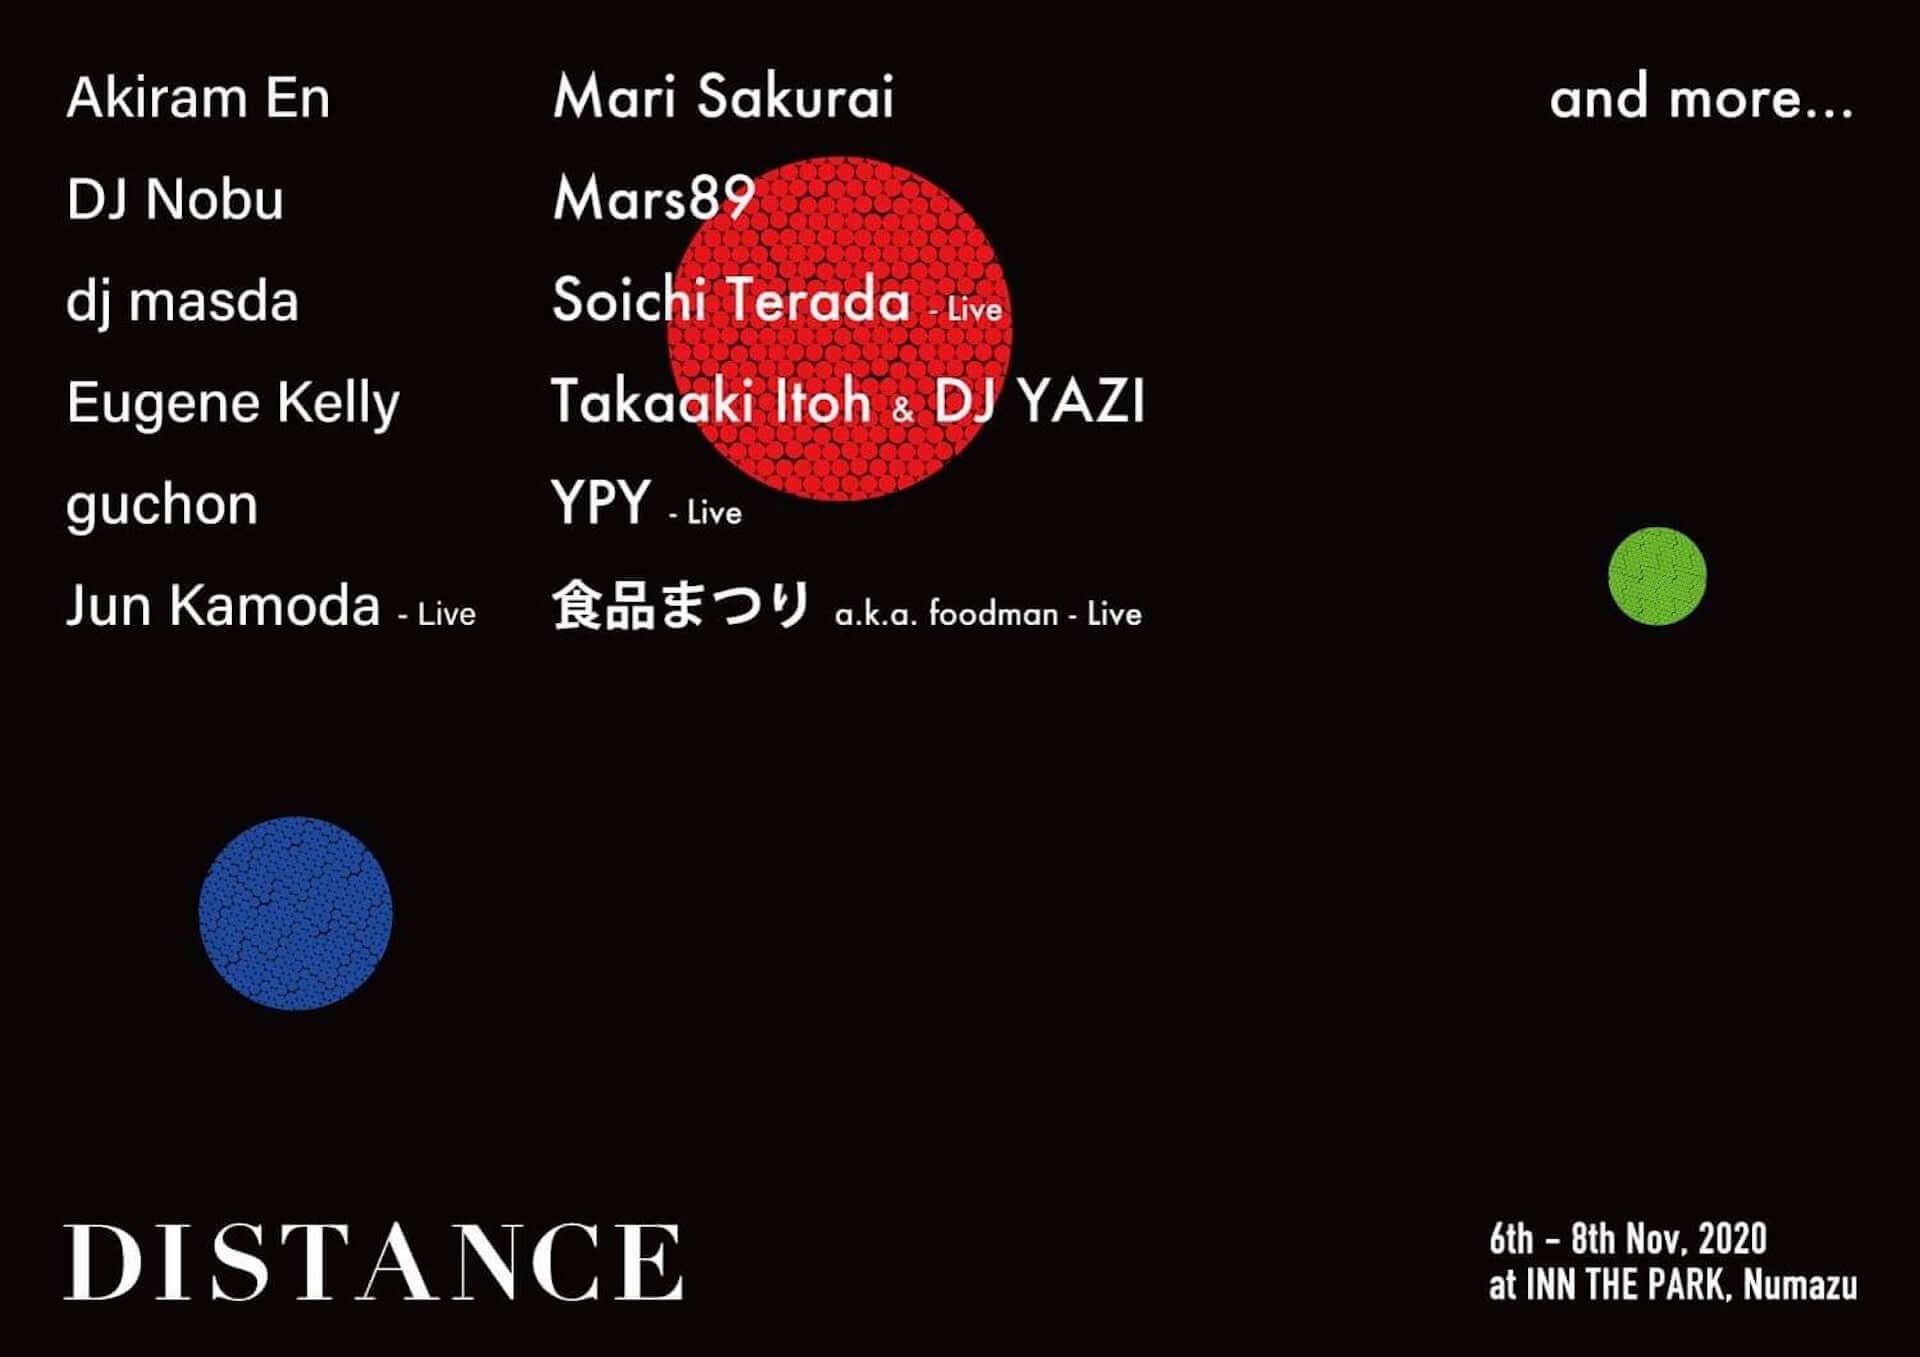 静岡の泊まれる公園「INN THE PARK」にて野外フェス<DISTANCE>が開催決定!DJ Nobu、Soichi Terada、Mars89、Jun Kamodaらが出演 music201006_distance2020_11-1920x1357